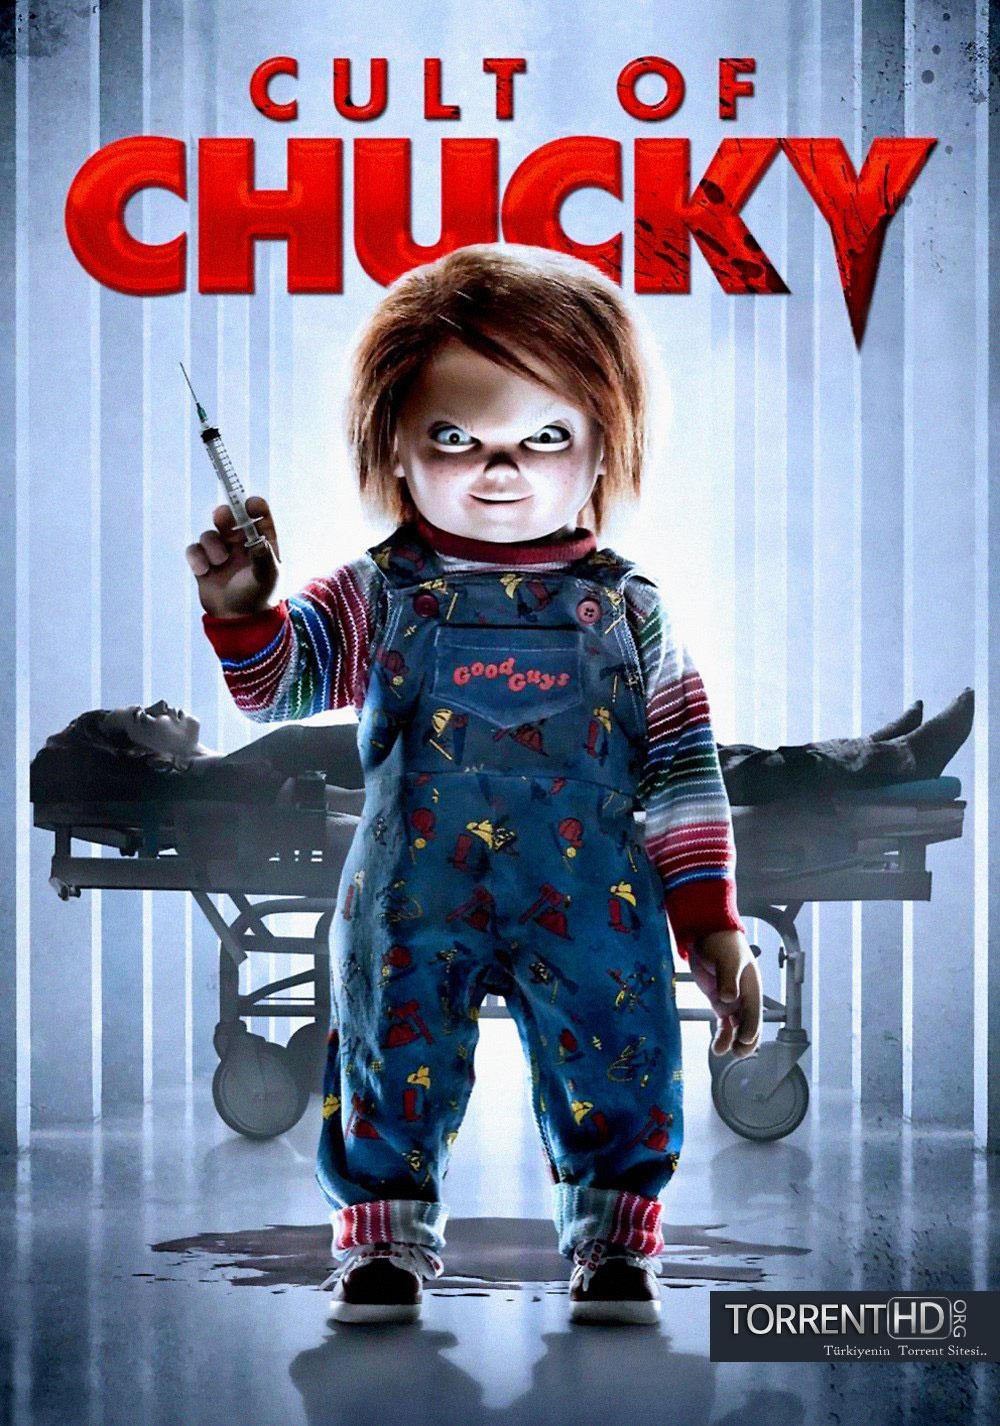 Chucky Geri Dönüyor - Cult of Chucky (2017) Türkçe Dublaj BRRip Torrent İndir